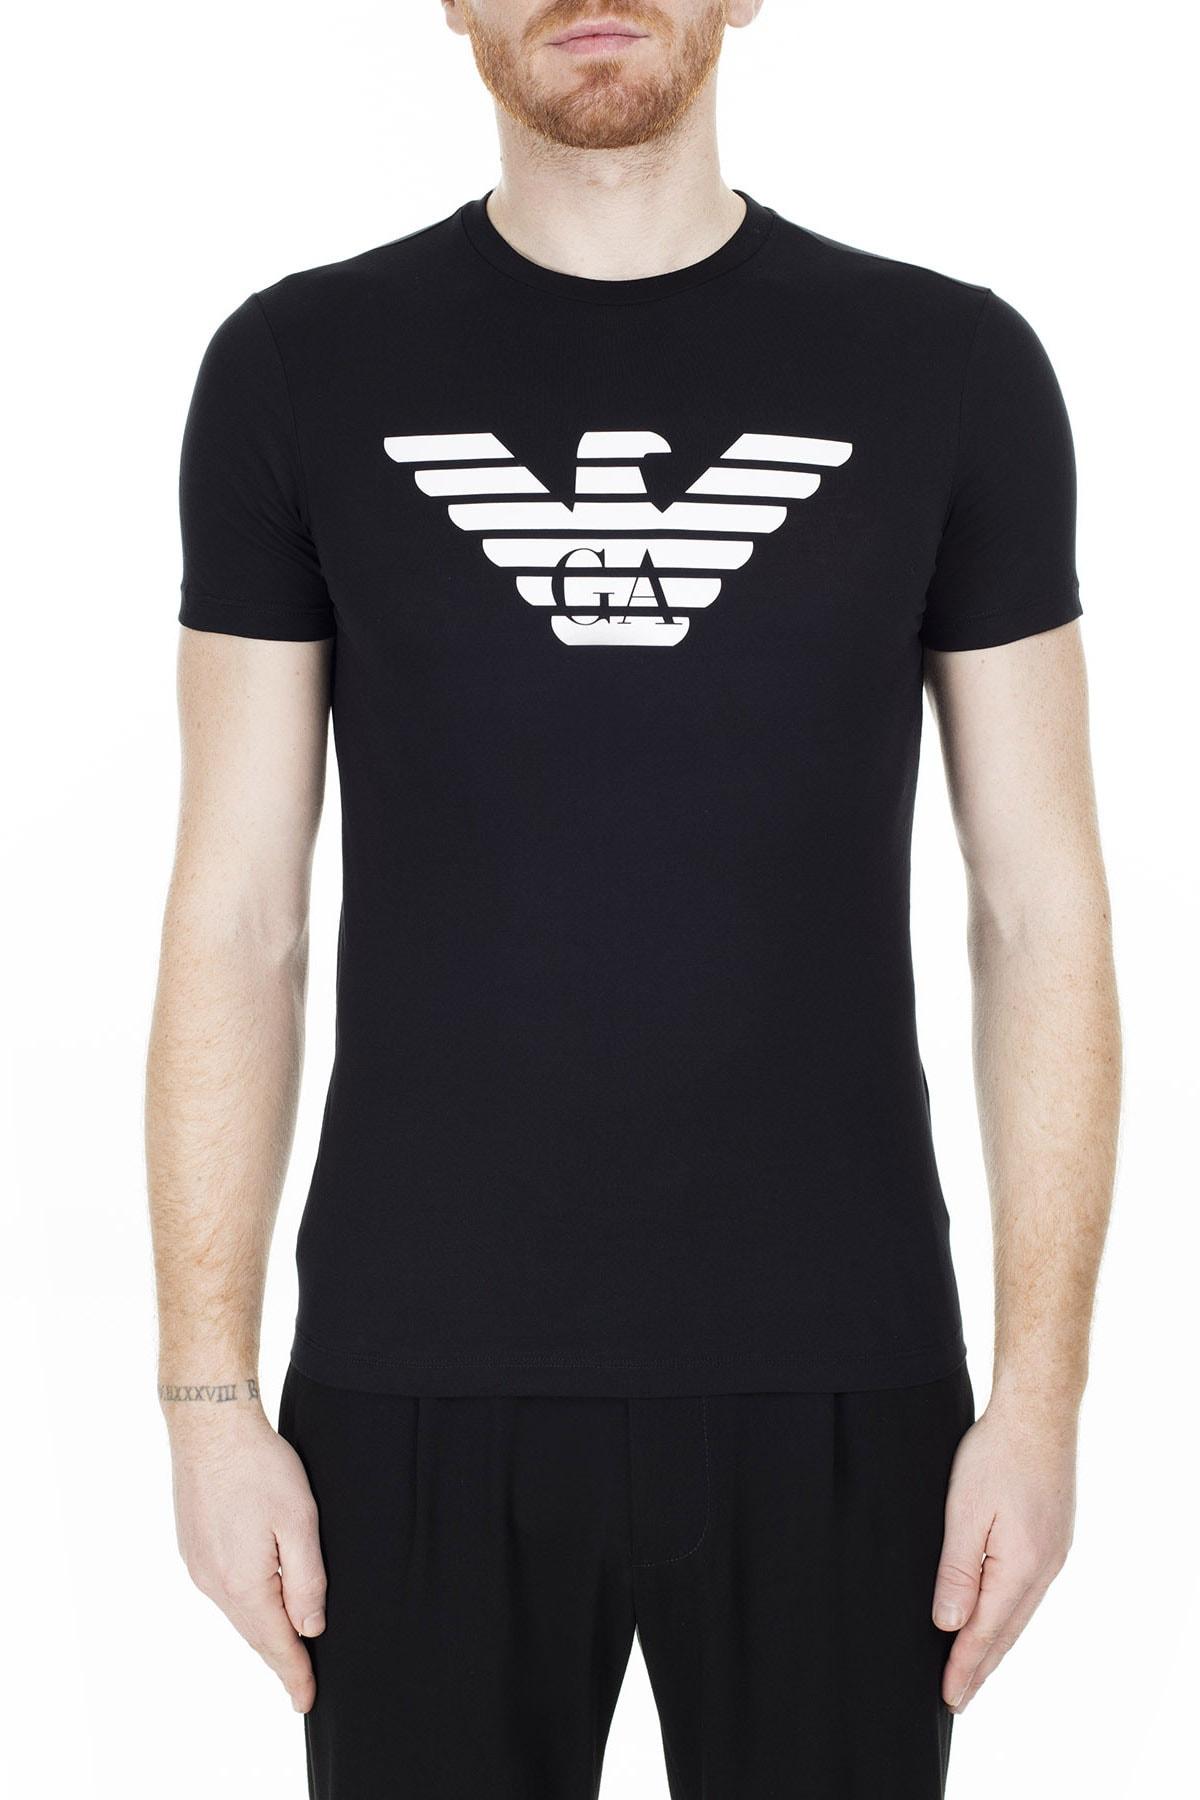 Emporio Armani Siyah Erkek T-Shirt 8N1T99 1JNQZ 0999 0